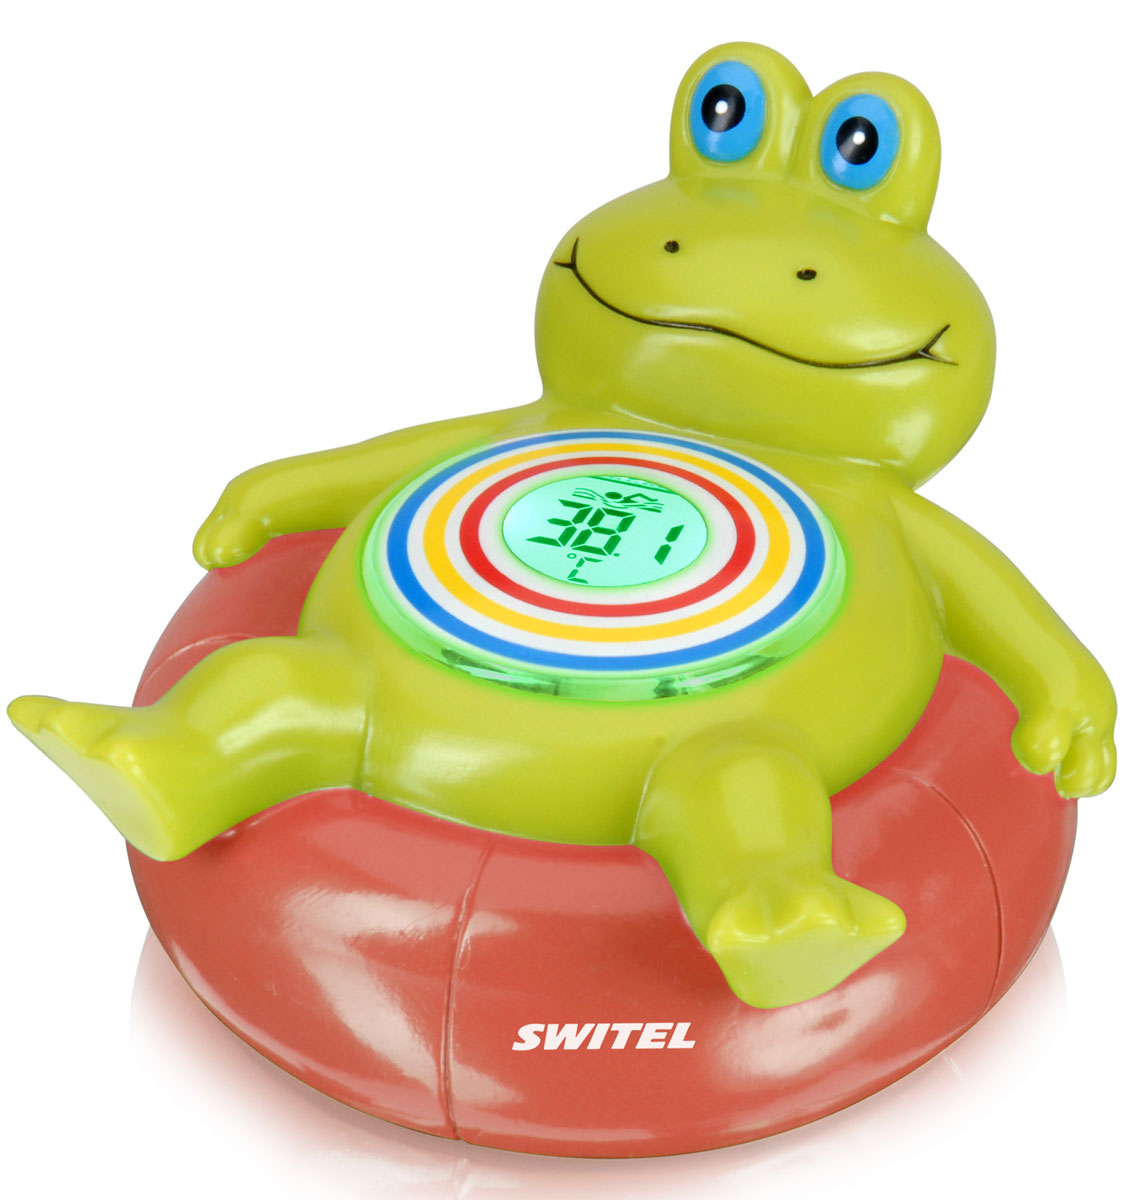 Switel Термометр для воды детский BC300BC300Забавный детский термометр «Лягушонок» от известного швейцарского производителя детских товаров Switel. Замечательная игрушка, с которой малышу весело купаться, оповестит родителей об изменении температур и готовности воды. Цифровой дисплей отображает значение температуры, а цвет подсветки меняется вместе с изменением температуры: красный – вода слишком горячая; зелёный – комфортная; жёлтый – слишком холодная.